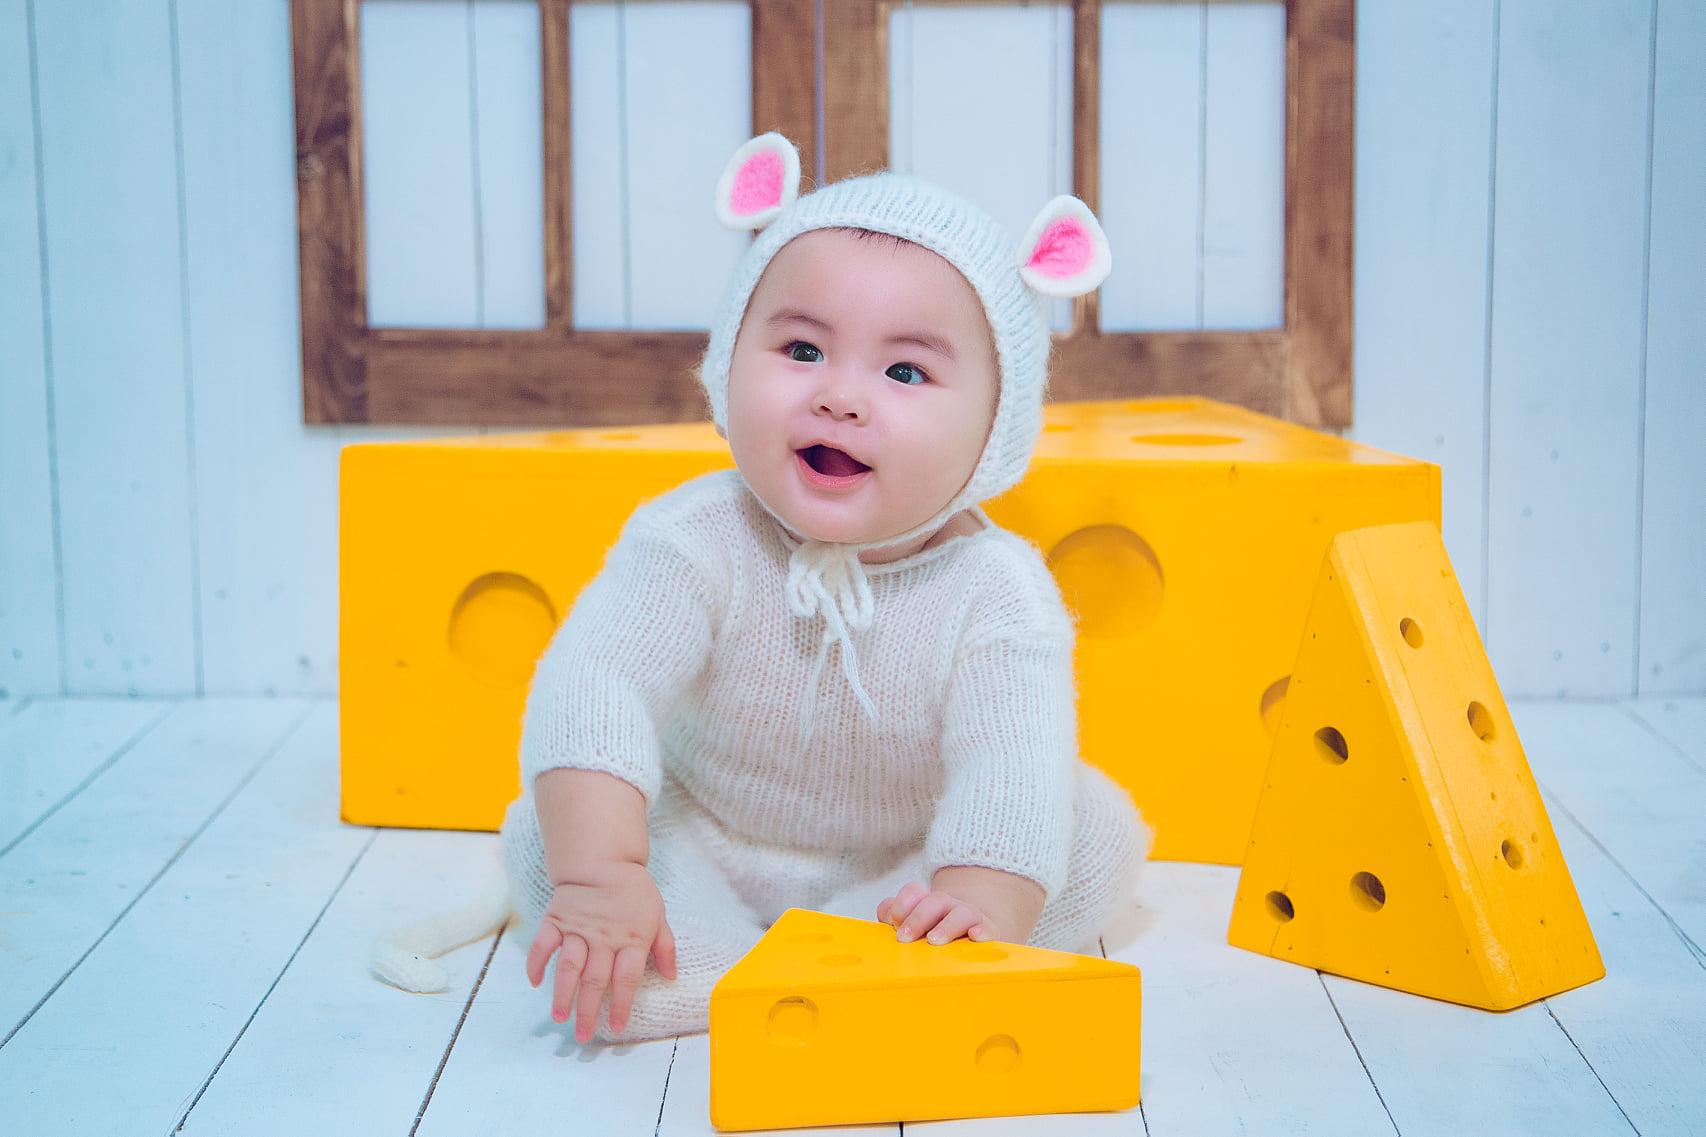 Top 6 Địa chỉ nhận chụp ảnh bé đẹp và chất lượng nhất Bình Dương - Két Baby Photography